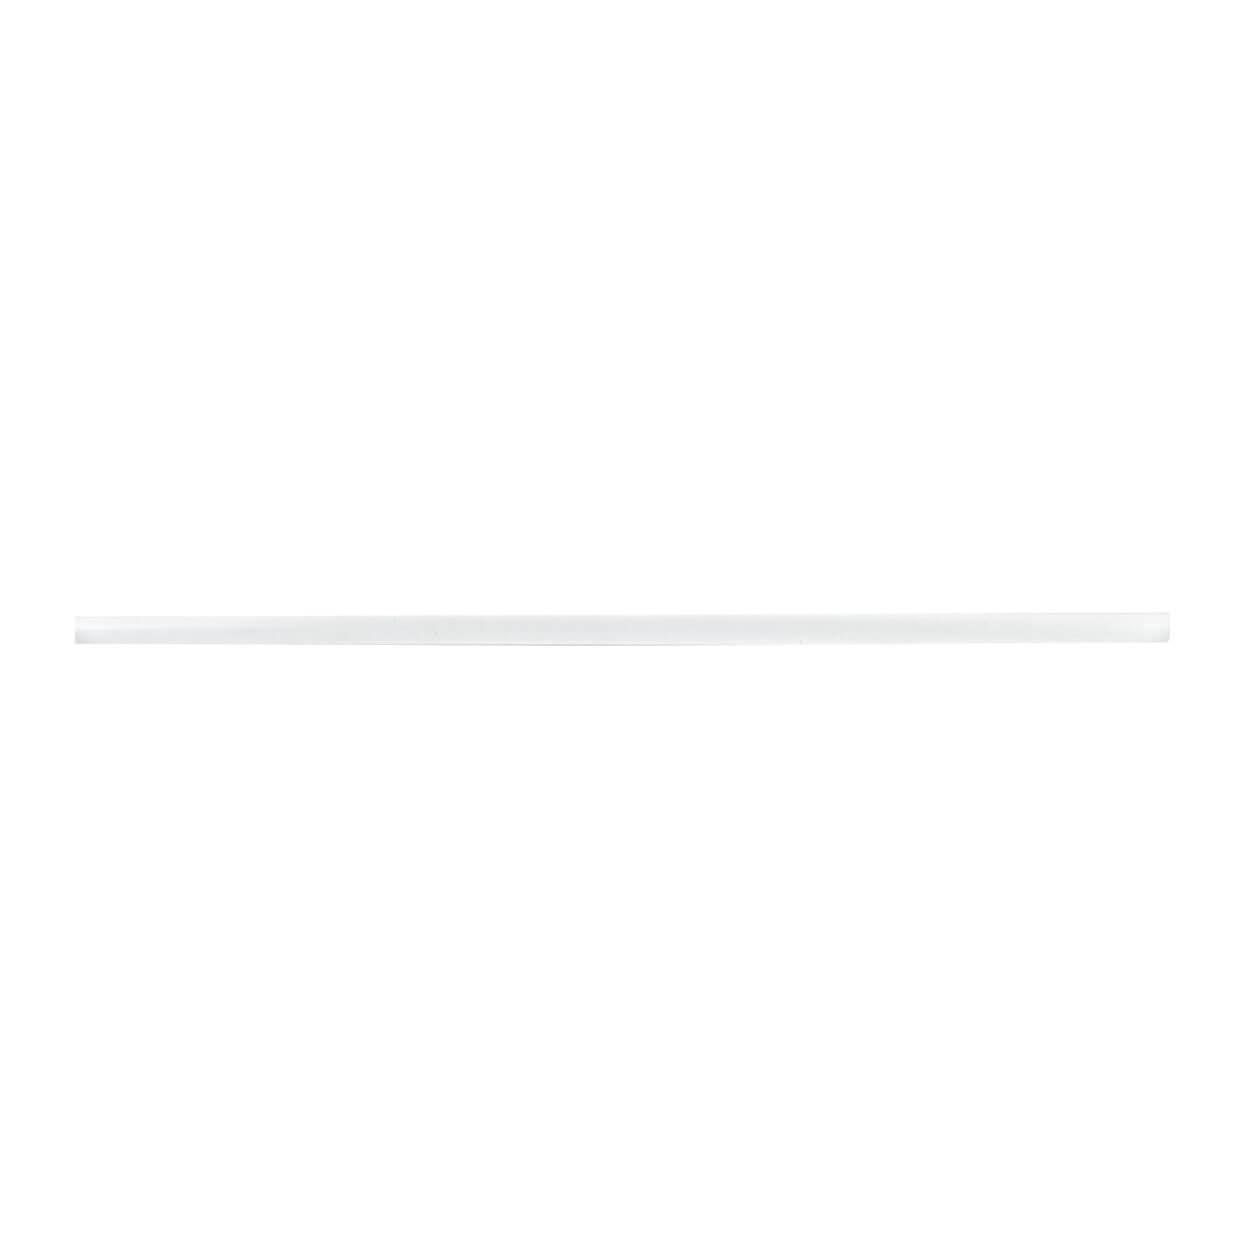 ΚΑΛΑΜΑΚΙ COBIO ΙΣΙΟ ΦΥΣ. ΧΡ. 210x6mm (150τ)